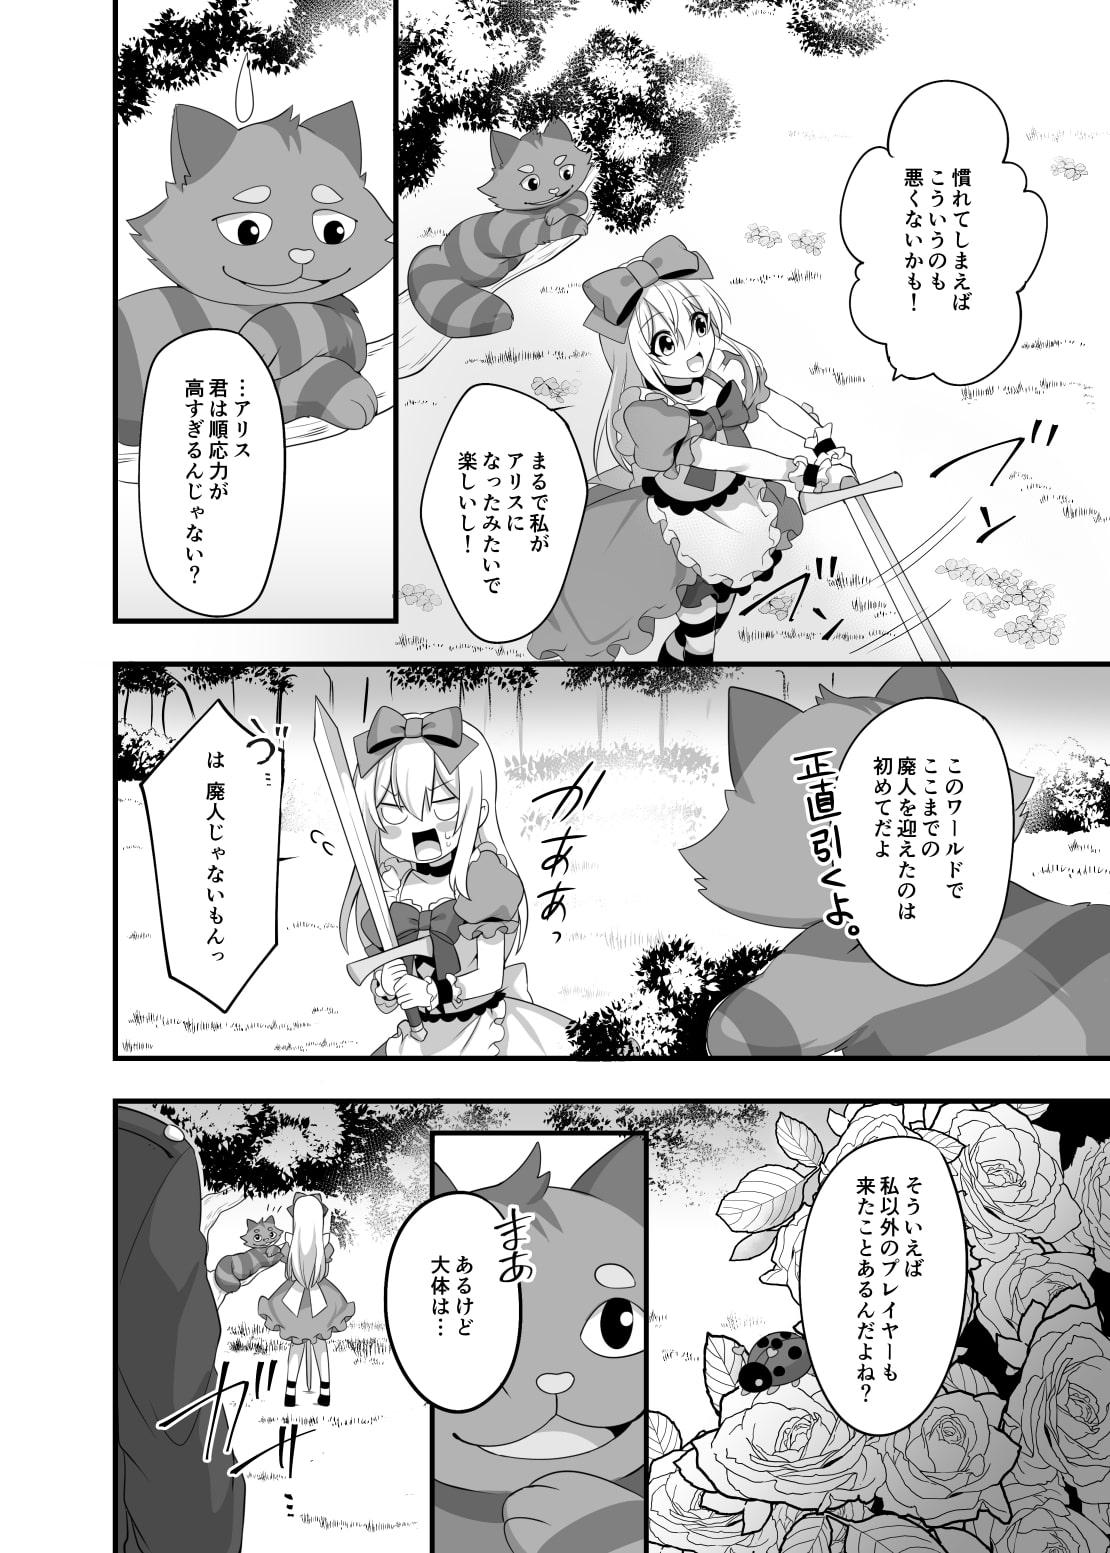 仮想童話は危険がいっぱい!?夢見がちな少女編2のサンプル画像